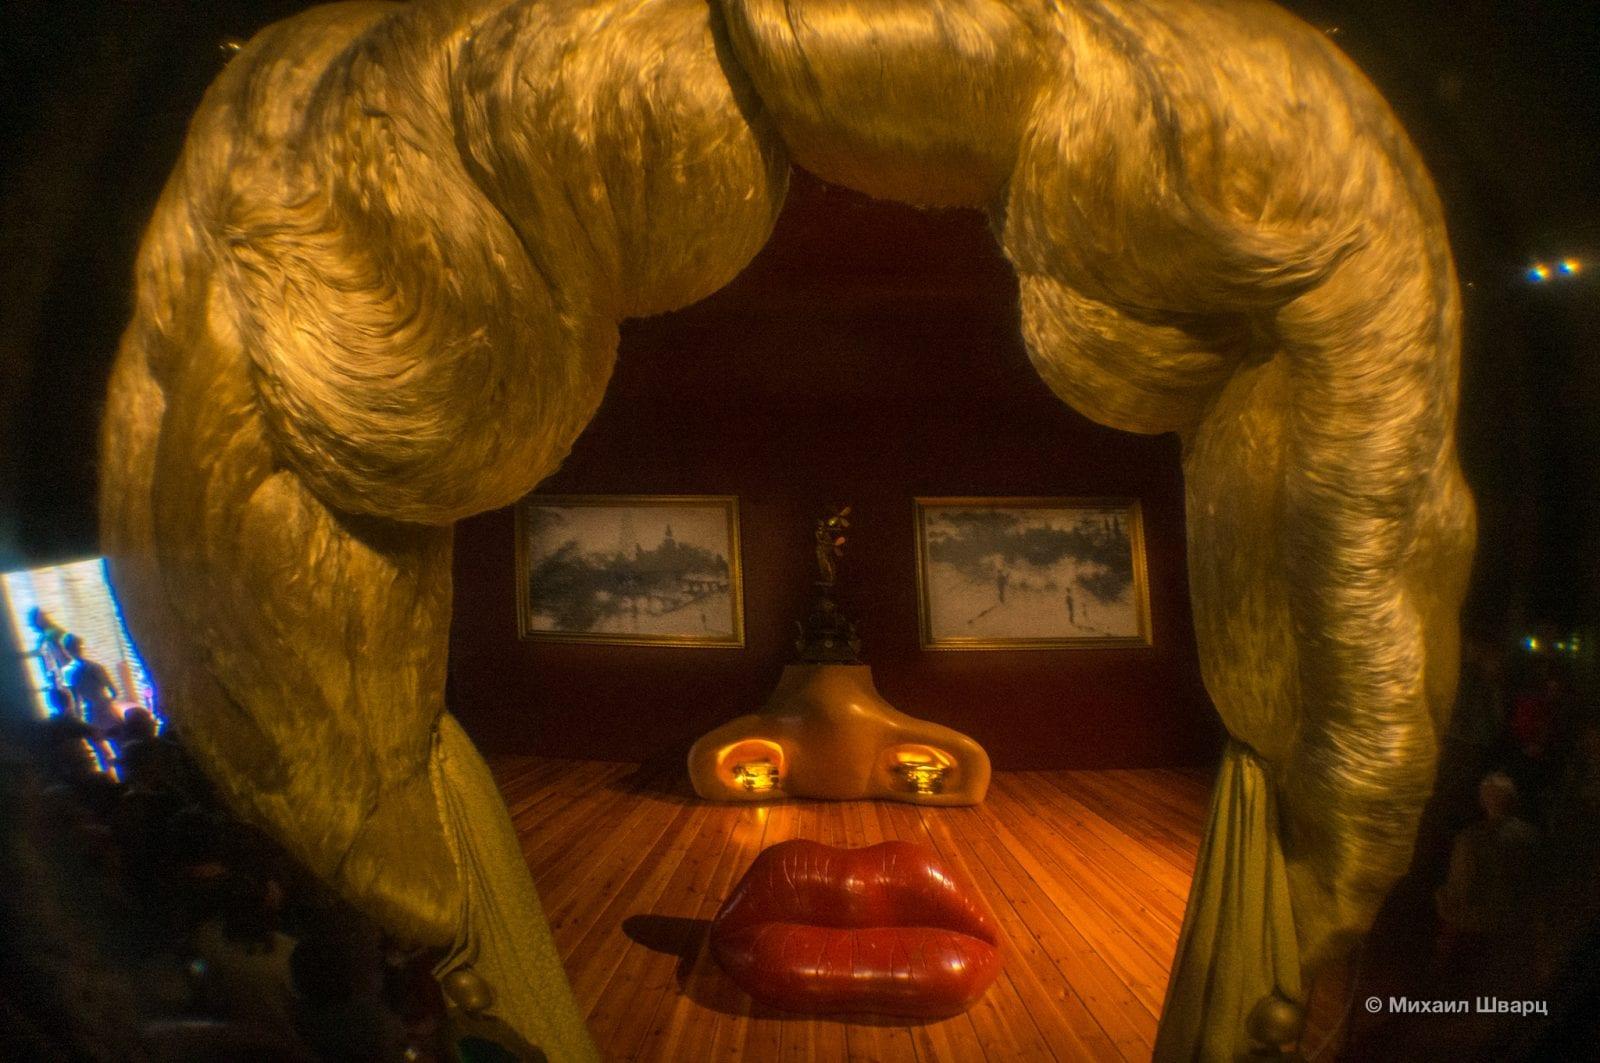 Комната-инсталляция «Портрет Мэй Уэст в интерьере»